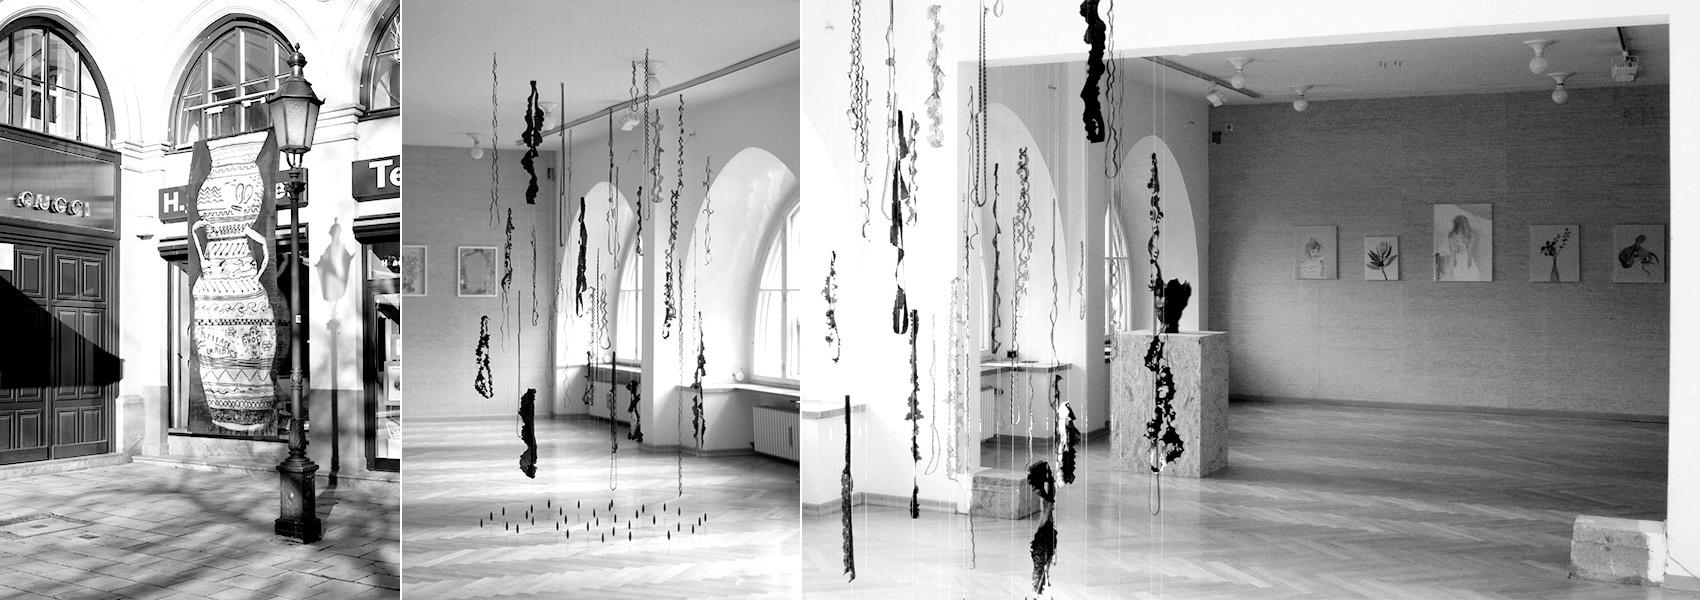 kaori-nakajima_tumbleweed_exhibition_munich.jpg